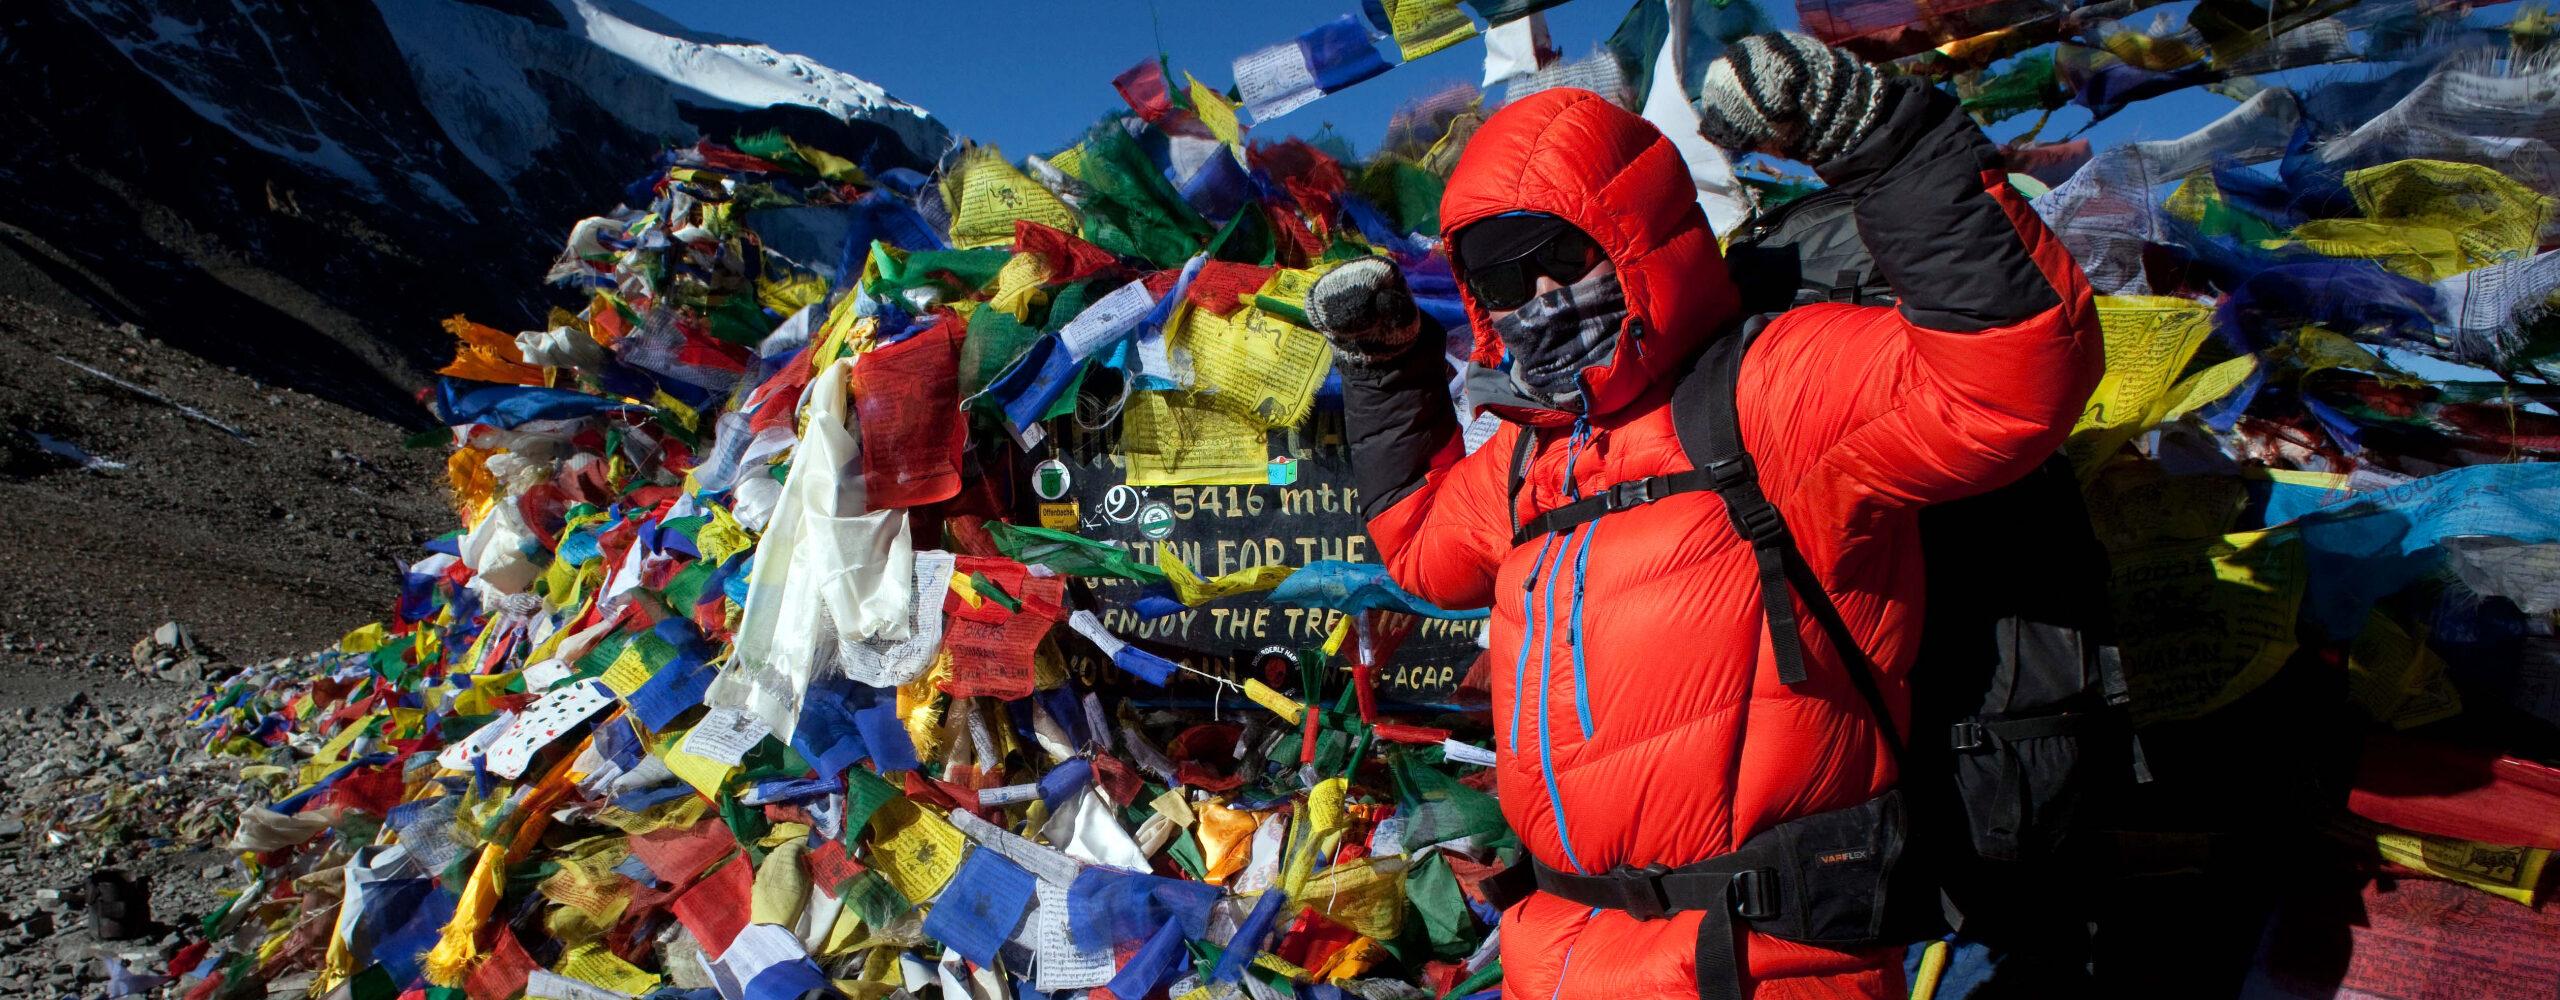 Кольцо Аннапурны, день Хэ. Перевал Торонг-Ла